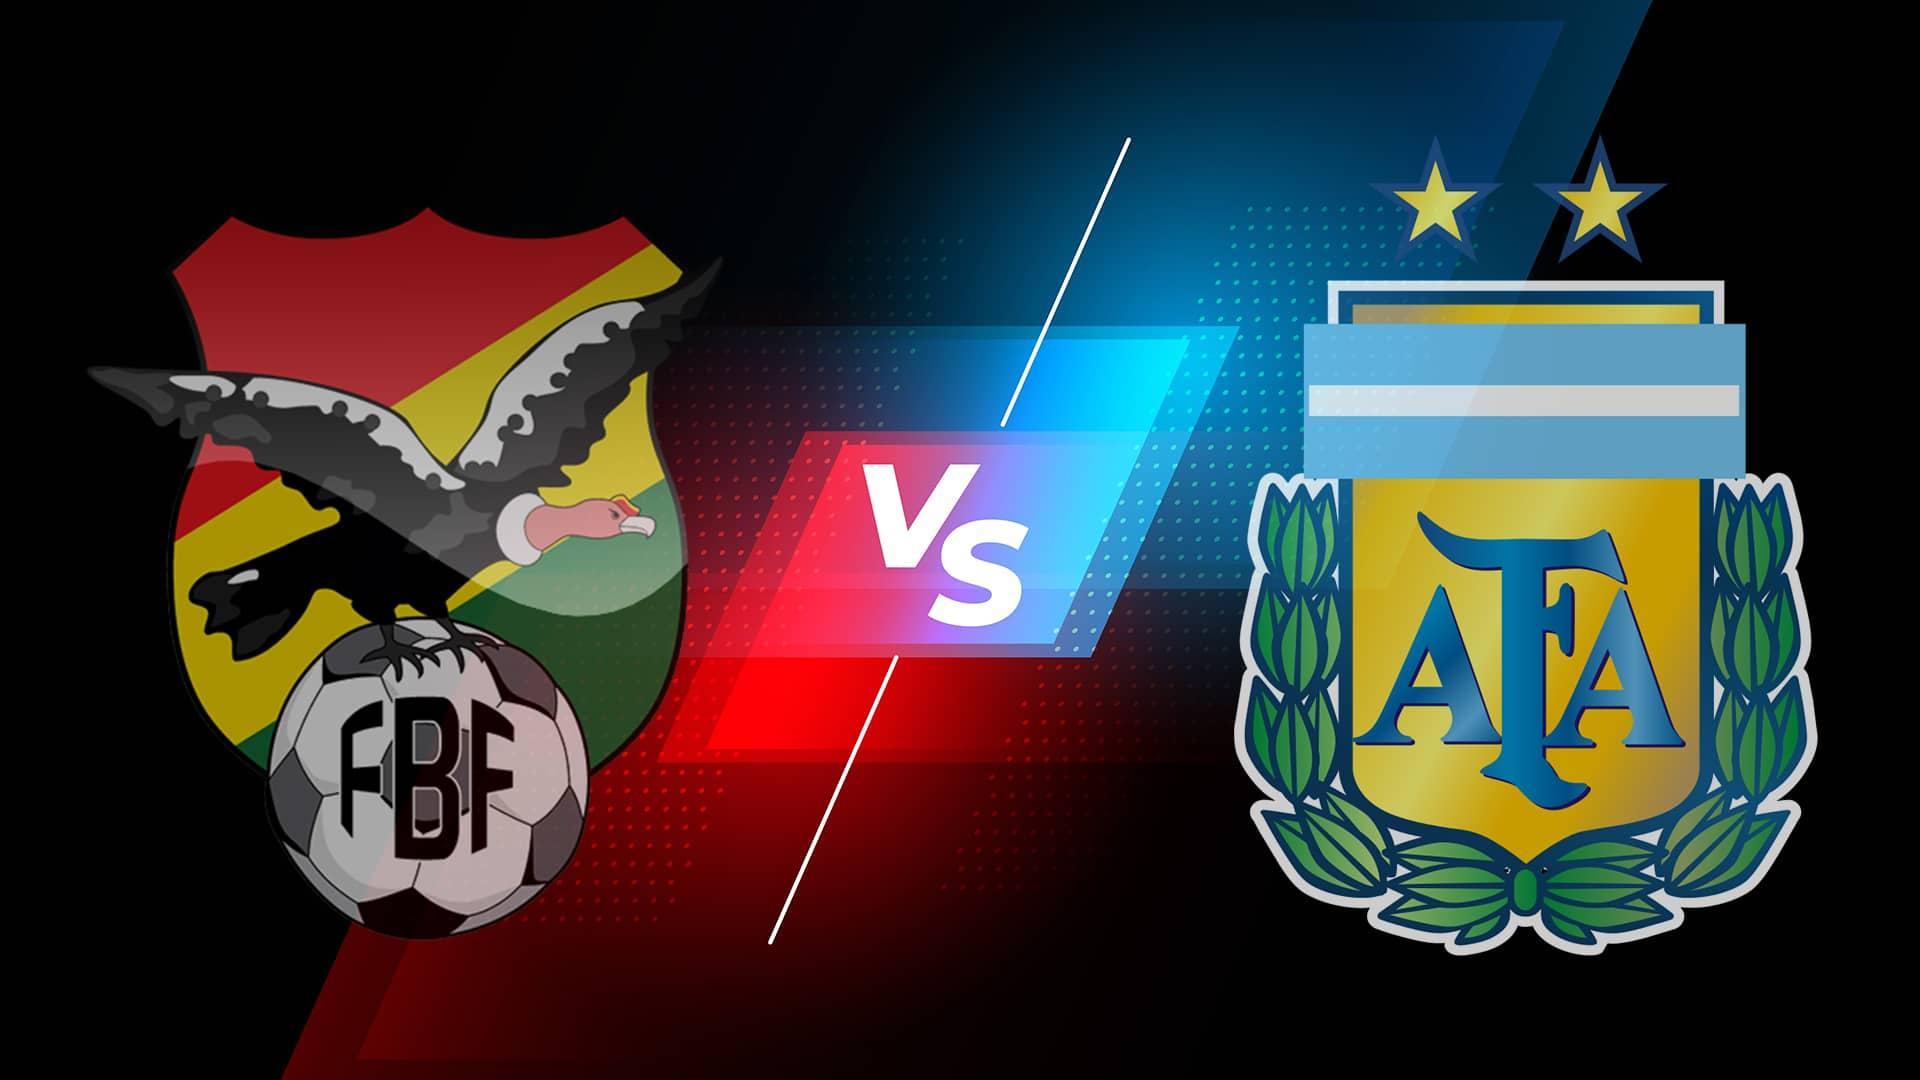 วิเคราะห์บอล ฟุตบอลโลกรอบคัดเลือก อเมริกาใต้ โบลิเวีย พบ อาร์เจนติน่า